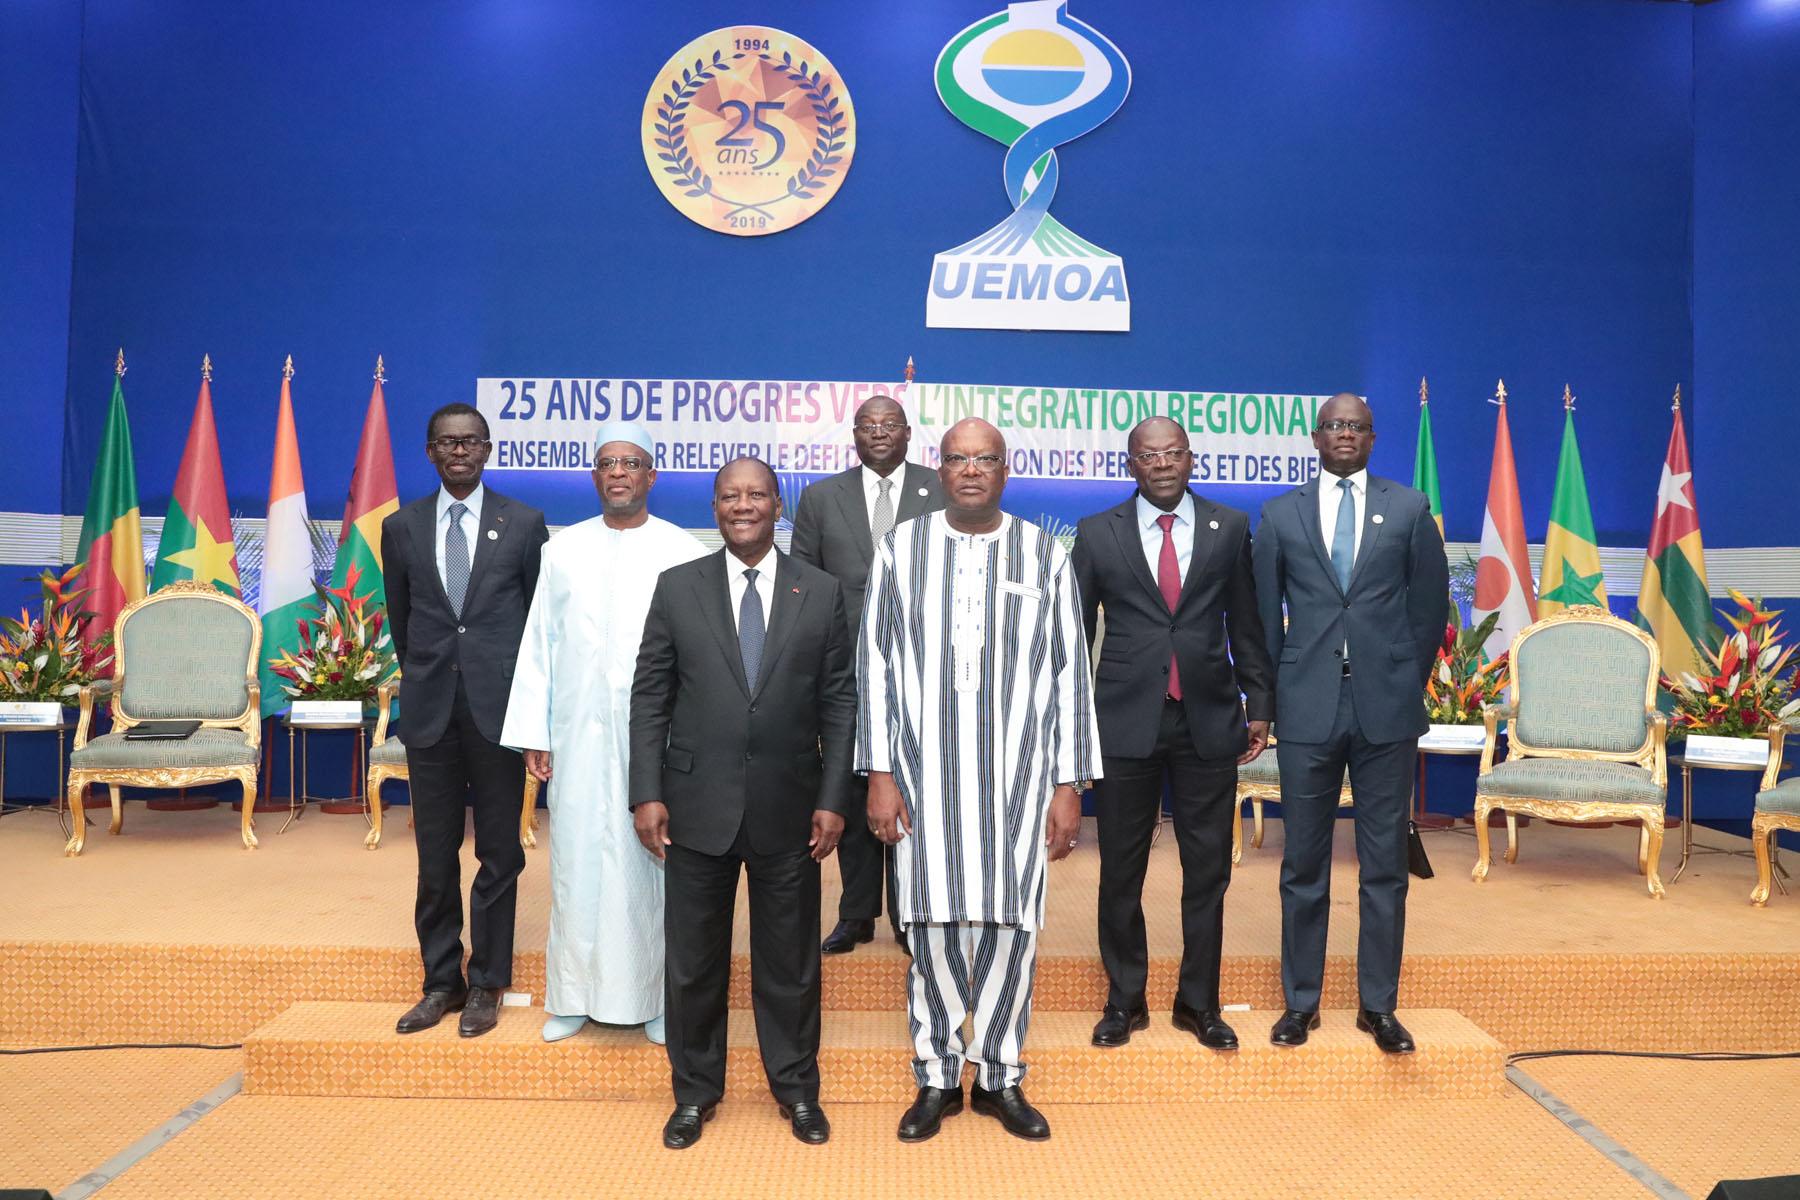 Le Chef de l'Etat a présidé la cérémonie de commémoration du 25e anniversaire de l'UEMOA, à Ouagadougou